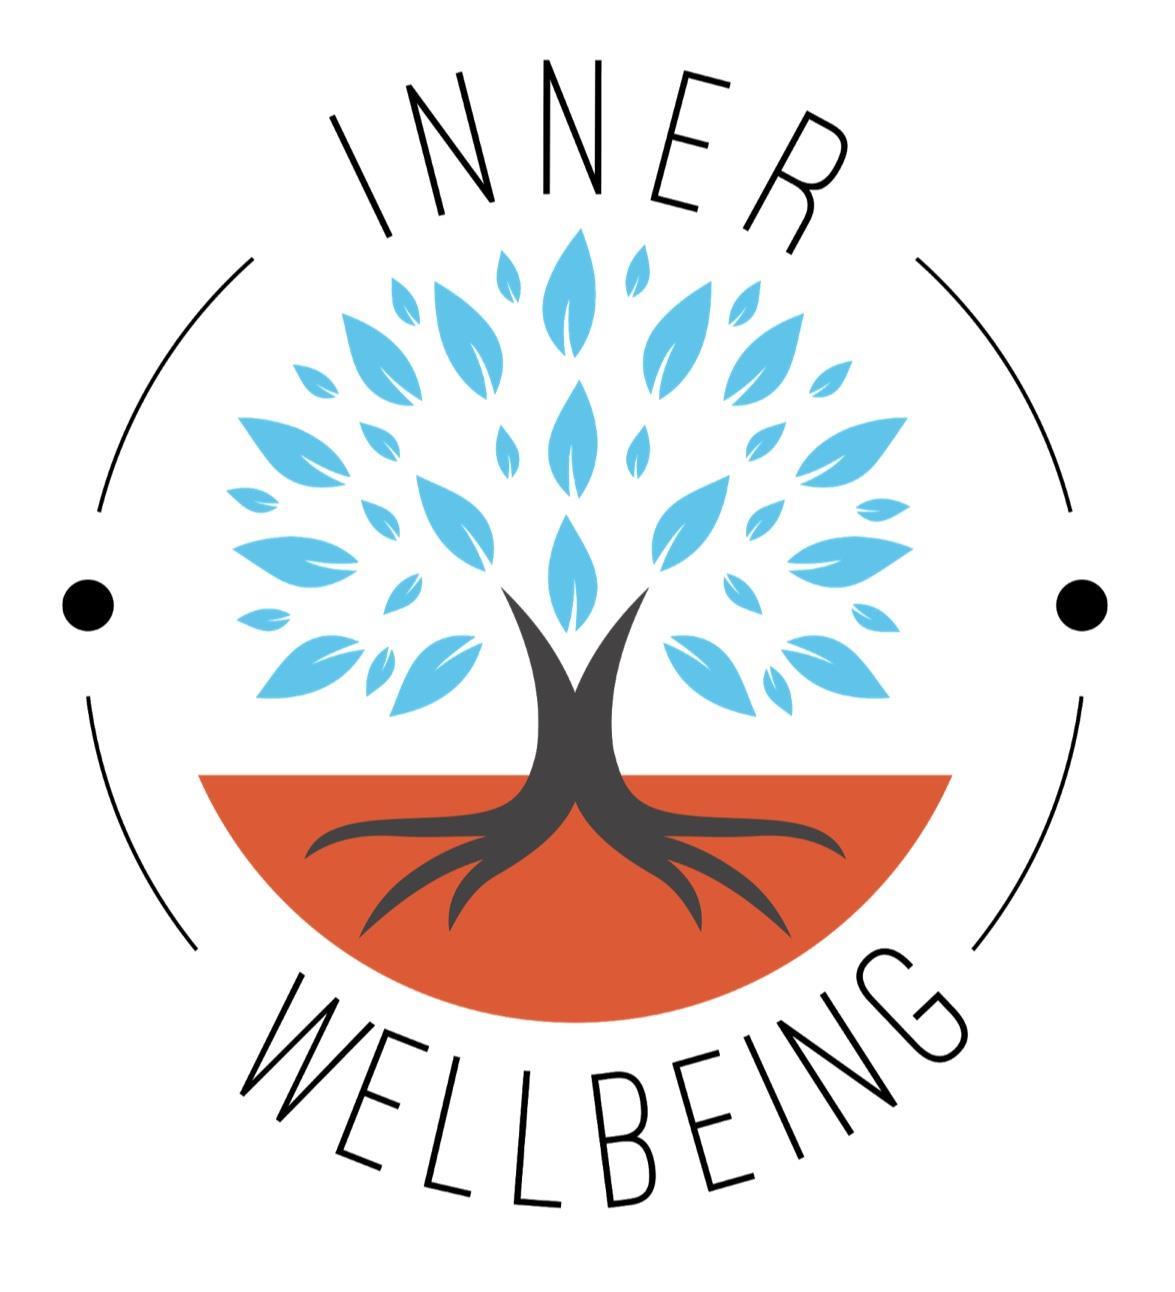 InnerWellbeing